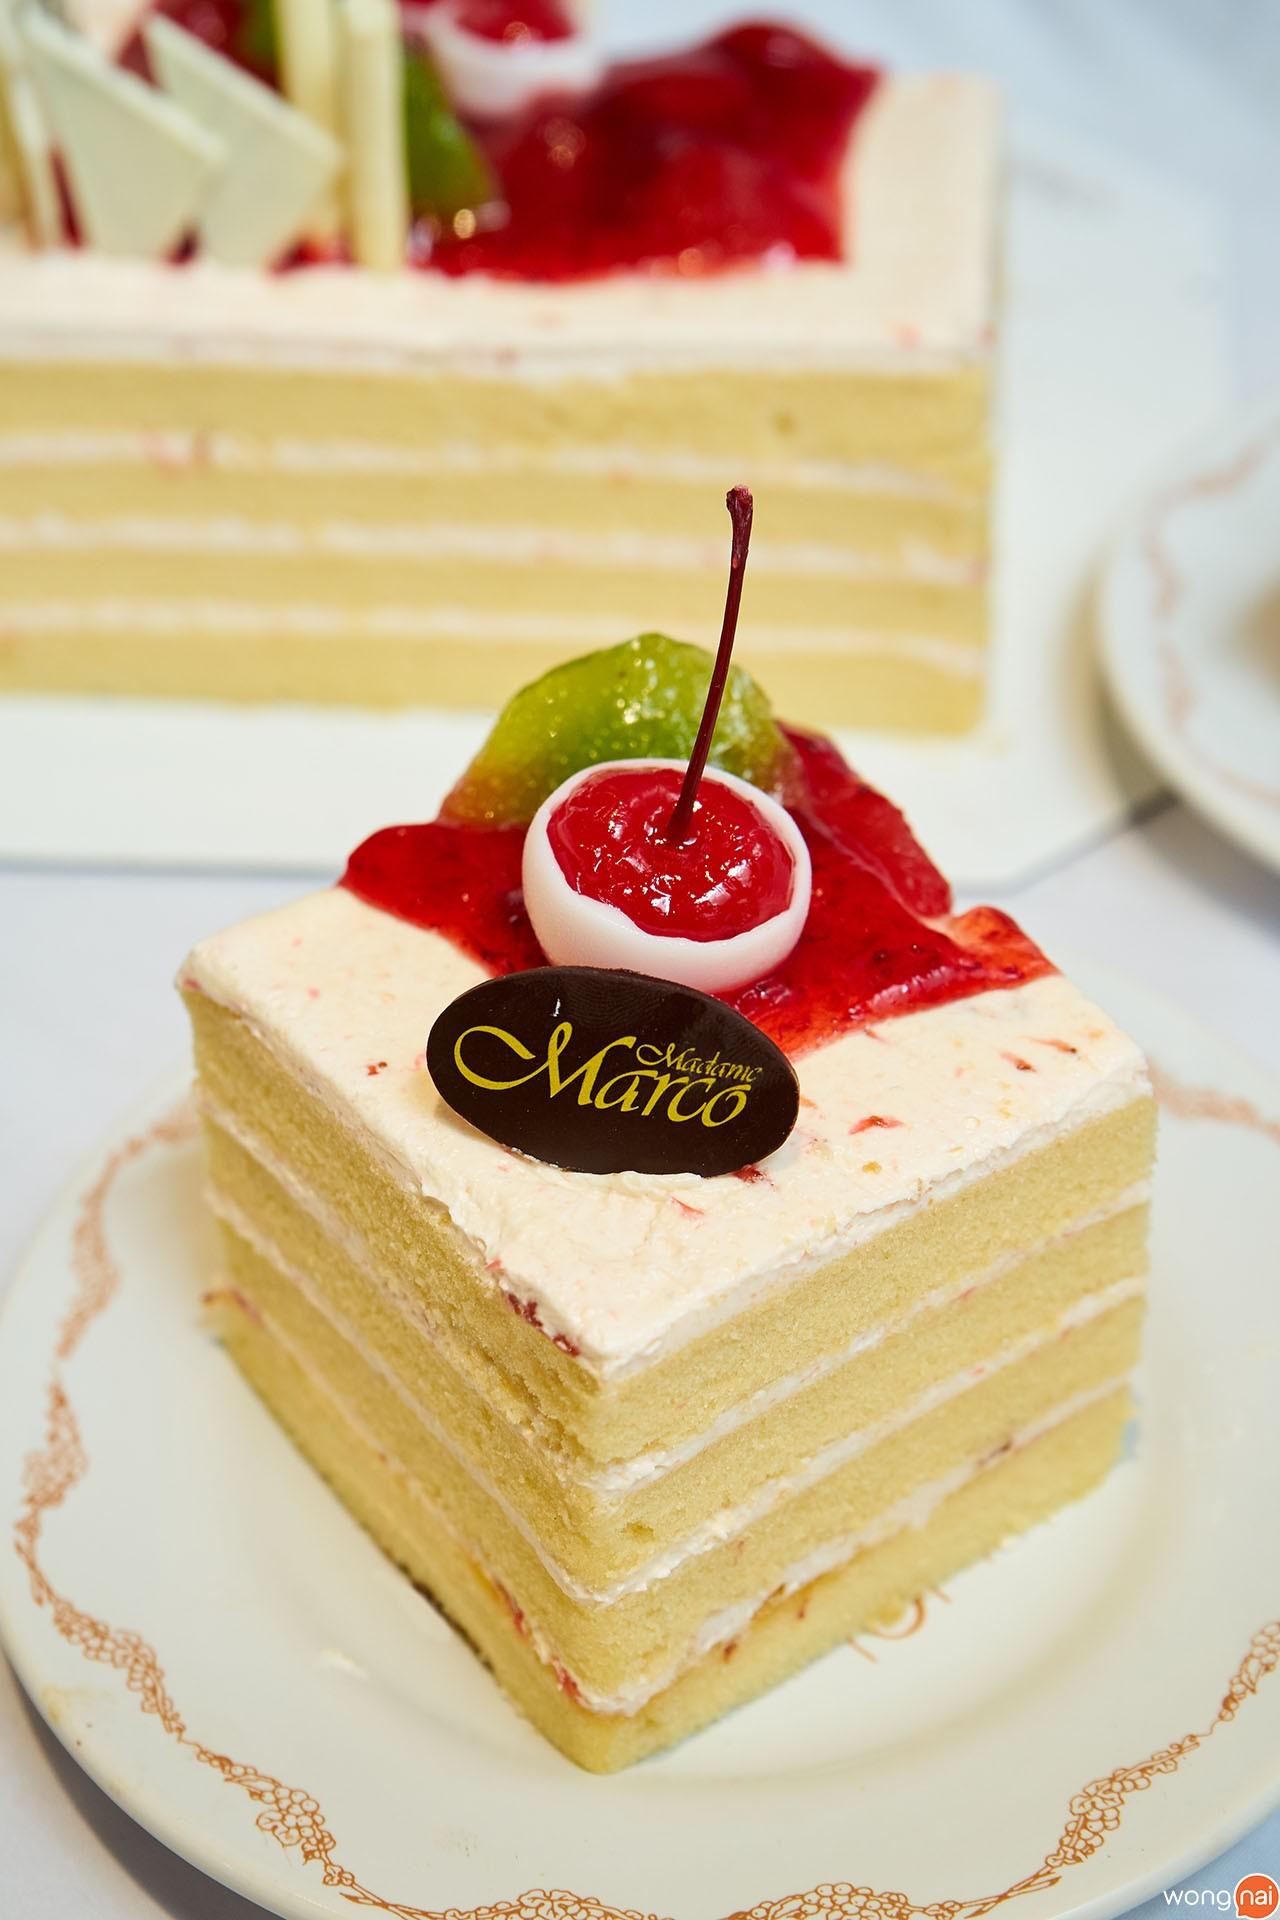 เมนู เค้กชูวี่สตรอว์เบอร์รี ร้าน Madame Marco